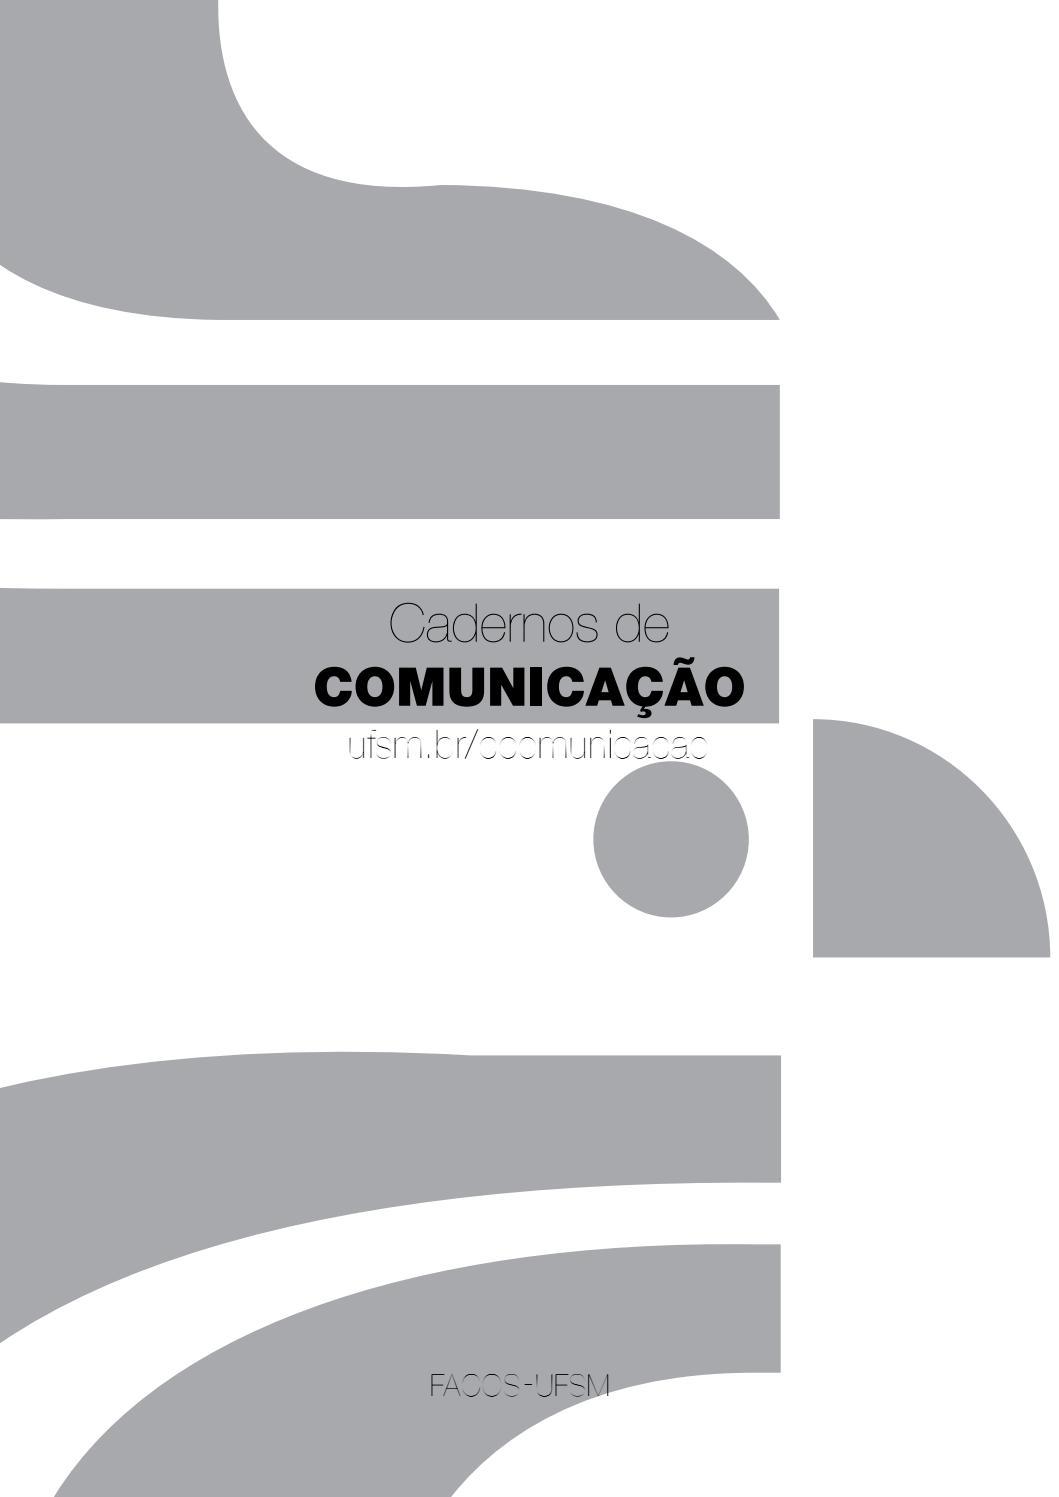 c8c6ea13ca01e Cadernos de Comunicação v.18 n.2 2014 by Flavio Teixeira Quarazemin - issuu